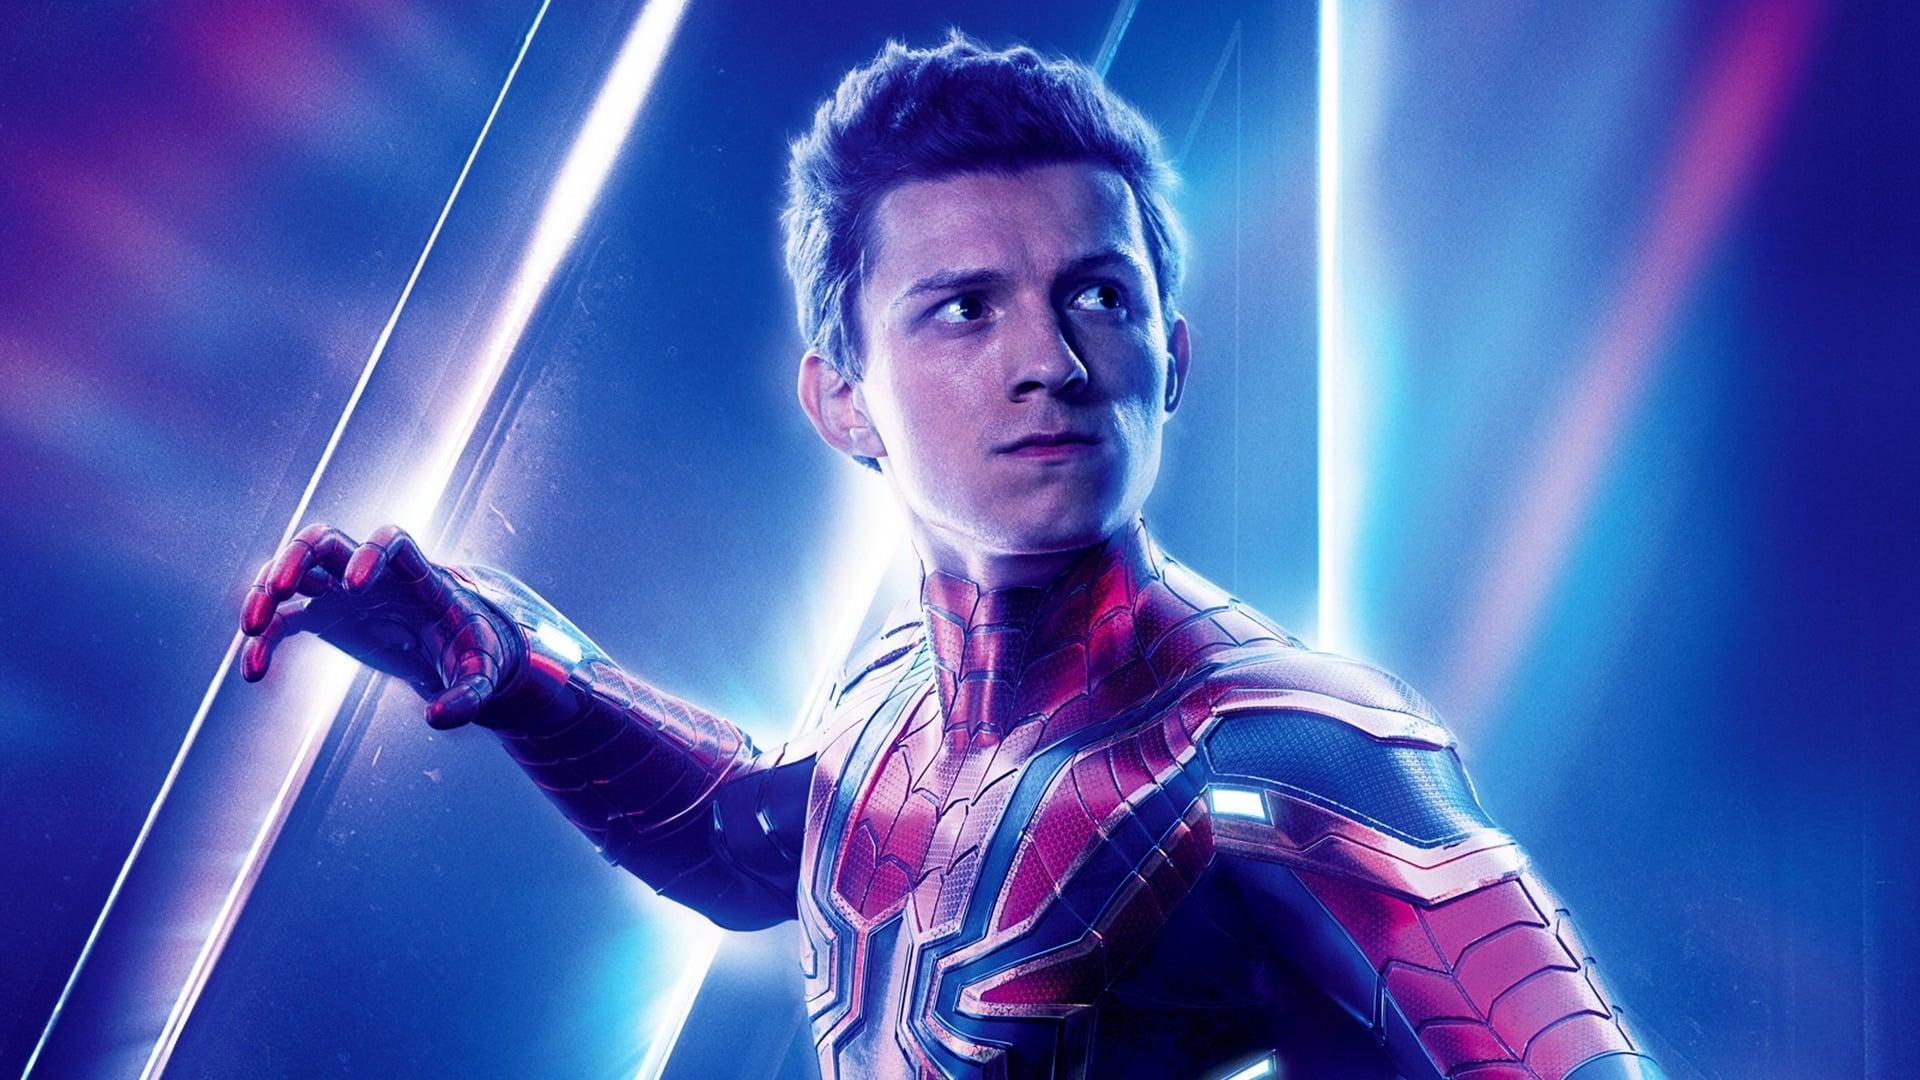 Vráti sa Spider-Man do MCU